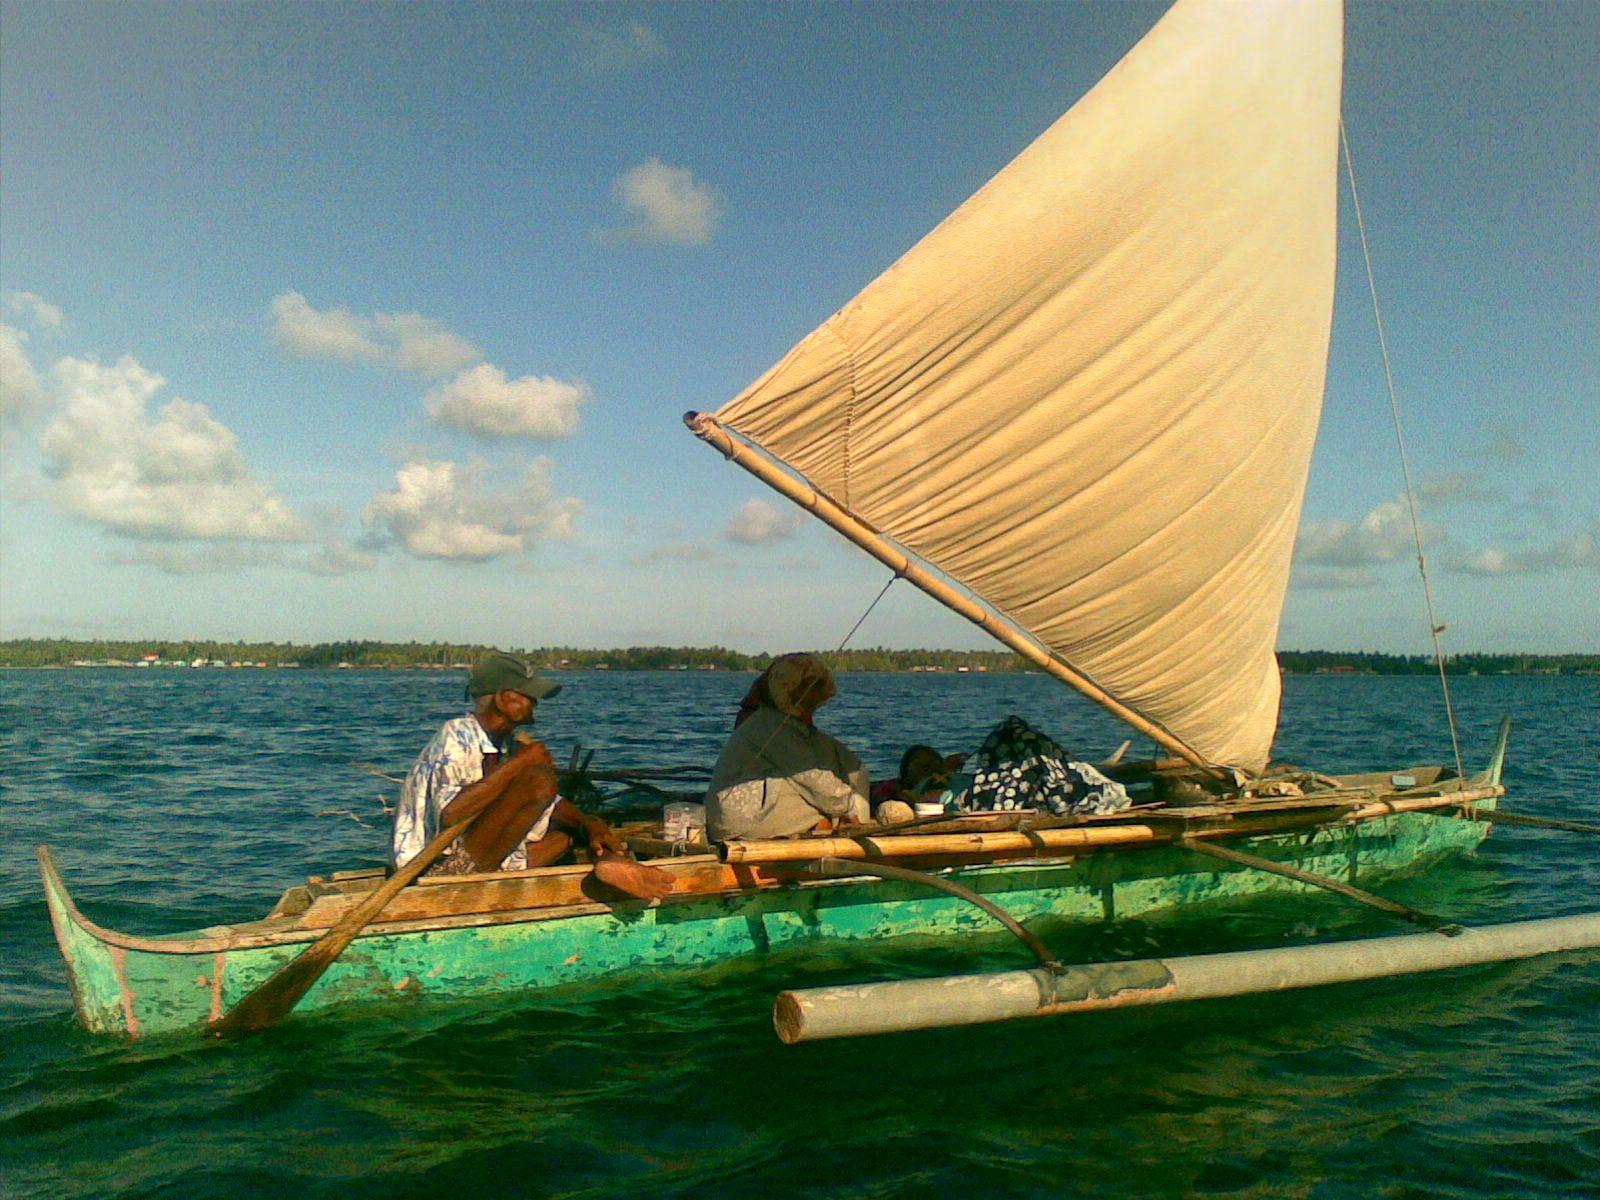 vinta boat of the bajau laut people.jpg